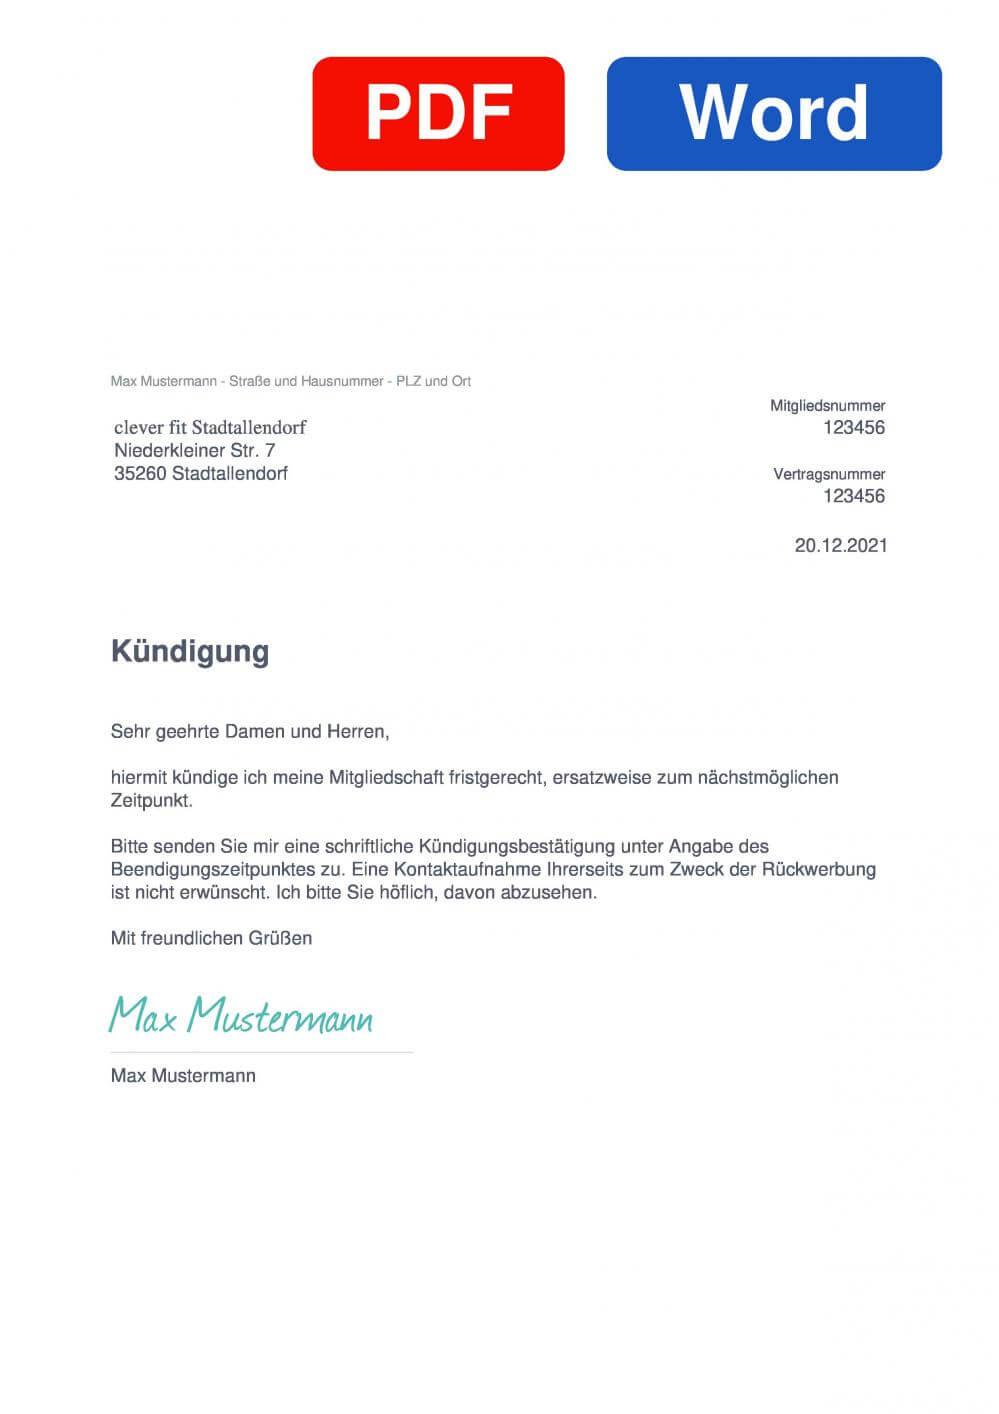 Clever Fit Stadtallendorf Muster Vorlage für Kündigungsschreiben